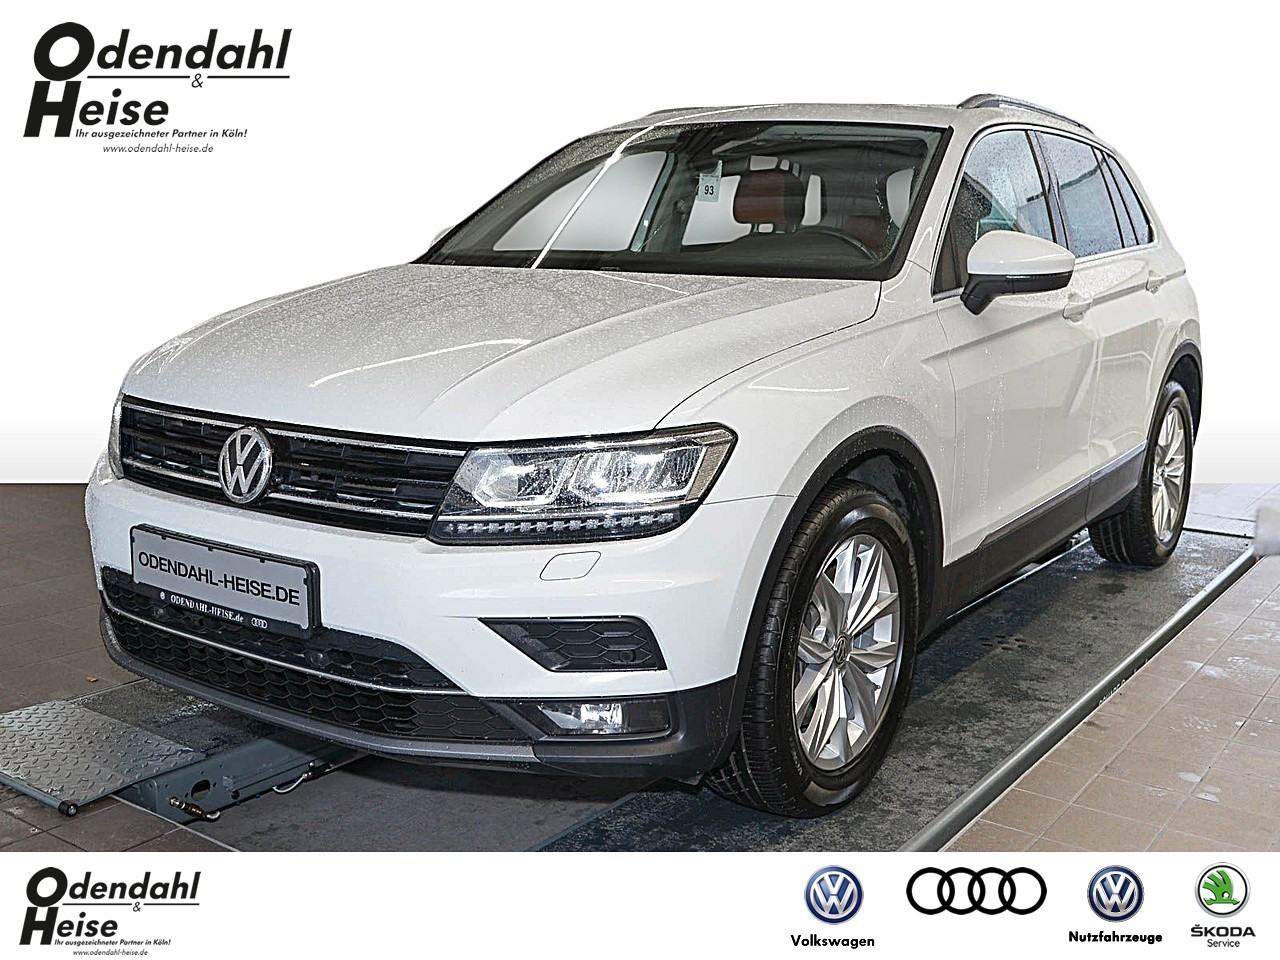 Volkswagen Tiguan 2,0 l TDI 4MOTION Highline Klima Navi, Jahr 2017, Diesel